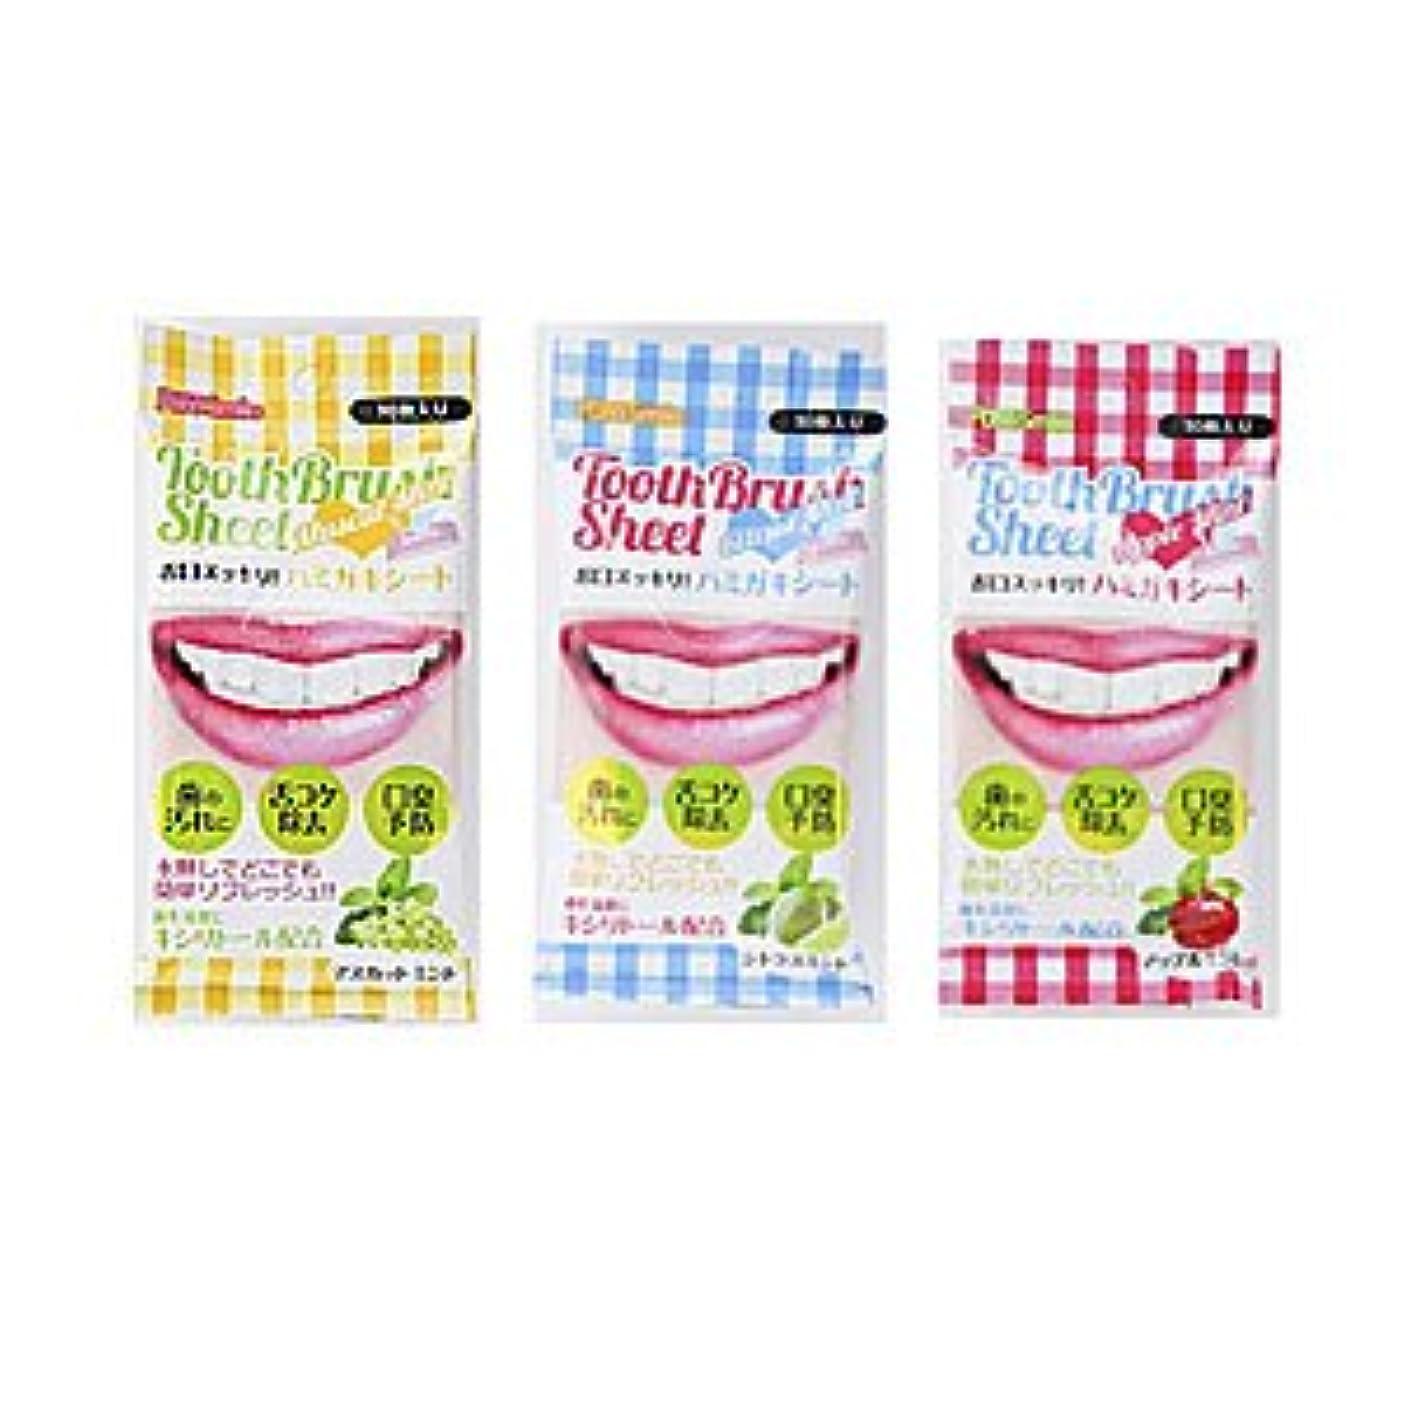 スリッパ果てしないロードされたピュアスマイル 歯磨きシート 全3種類 (アップルミント)